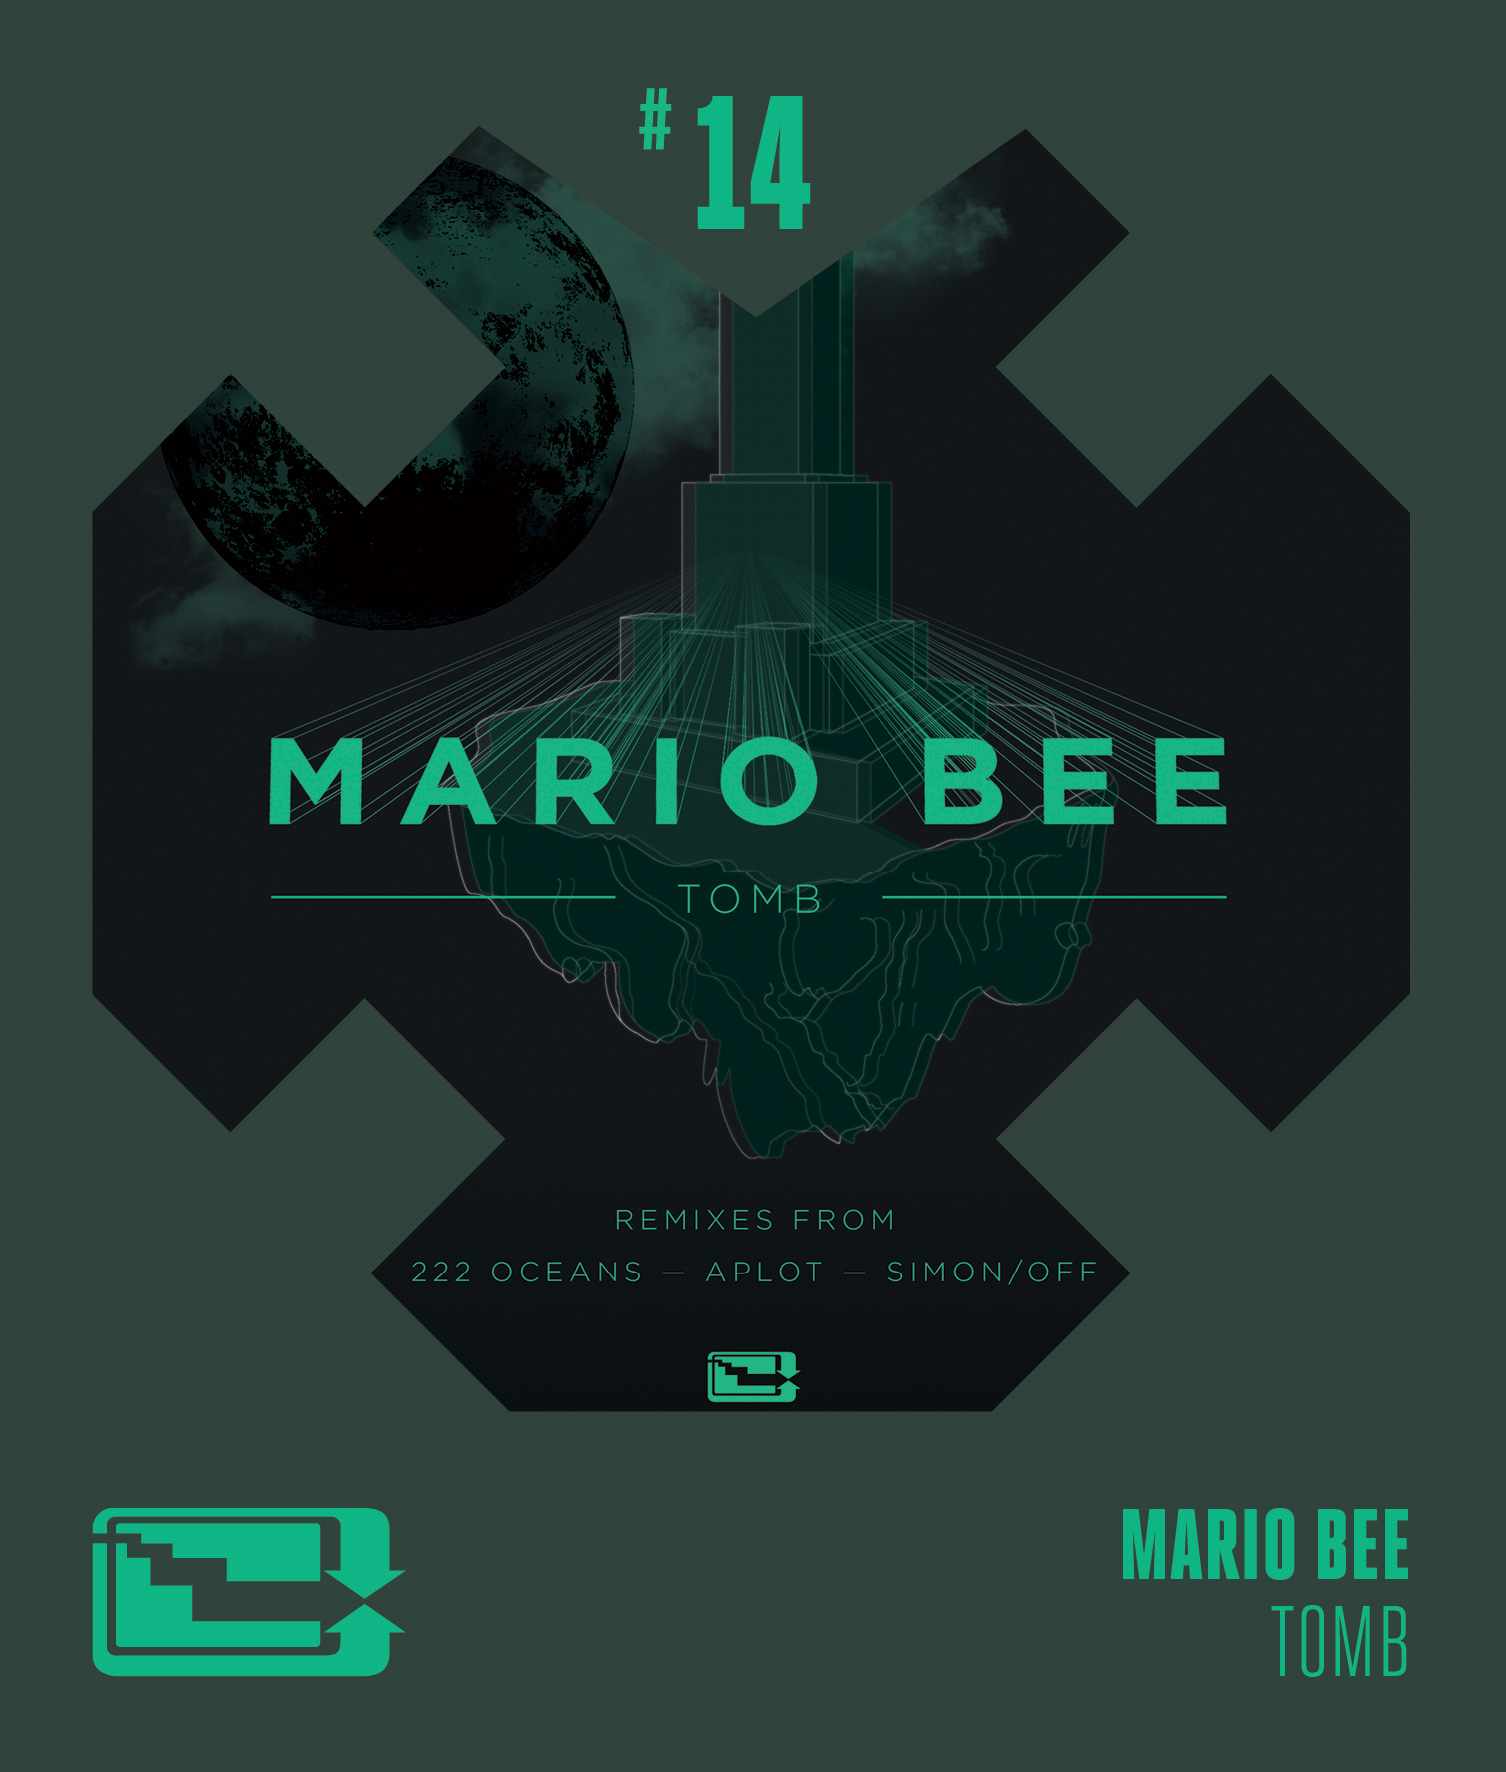 mariobee_website.jpg